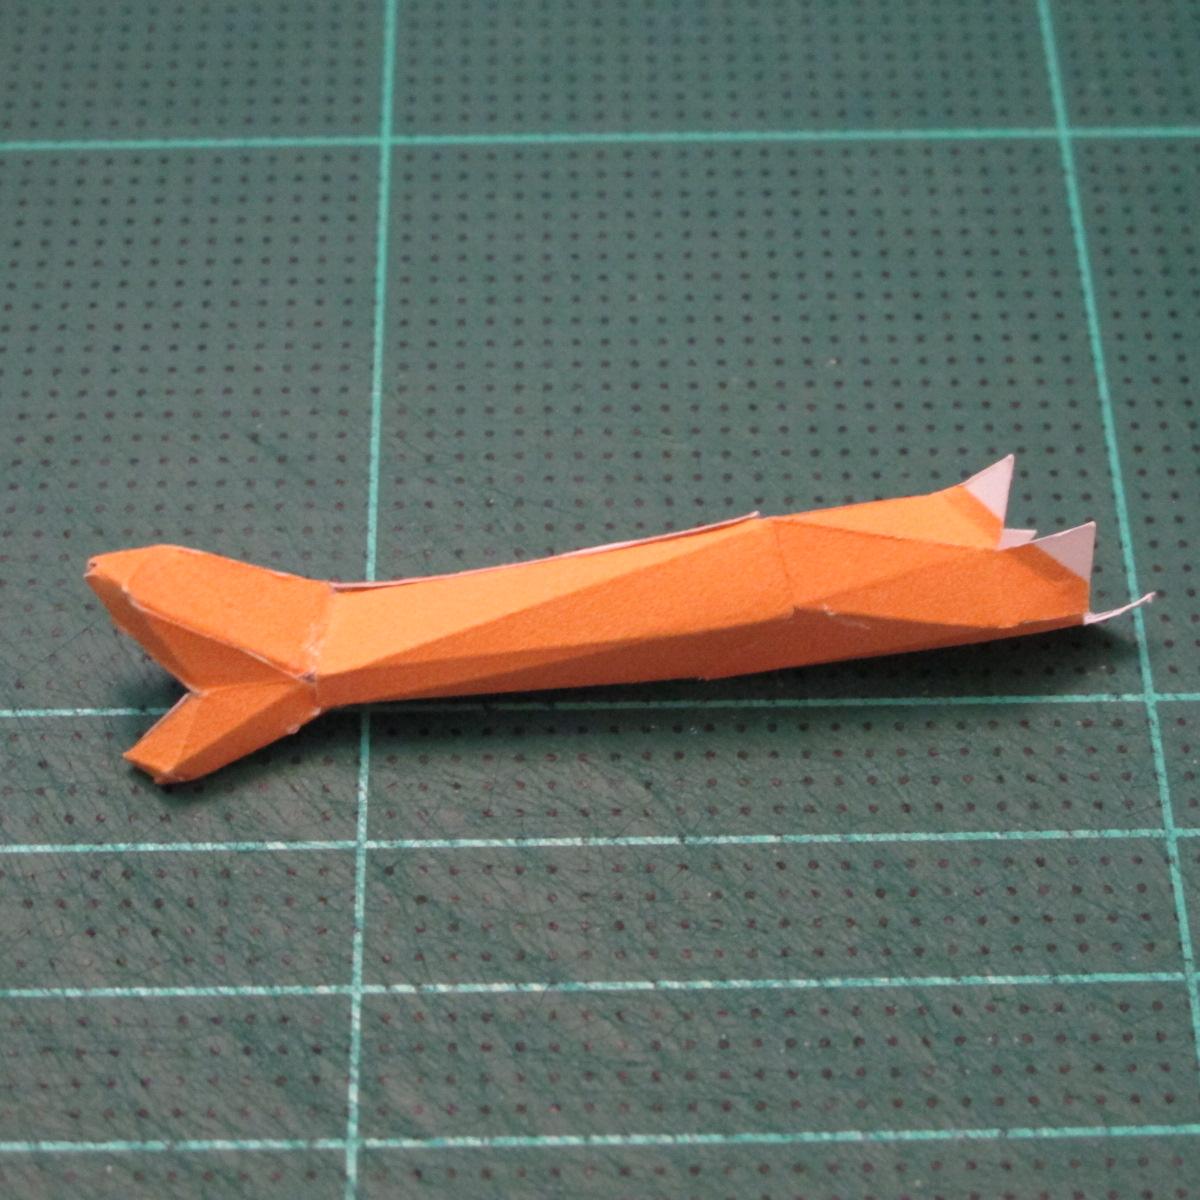 วิธีทำโมเดลกระดาษตุ้กตา คุกกี้รสราชินีสเก็ตลีลา จากเกมส์คุกกี้รัน (LINE Cookie Run Skating Queen Cookie Papercraft Model) 017